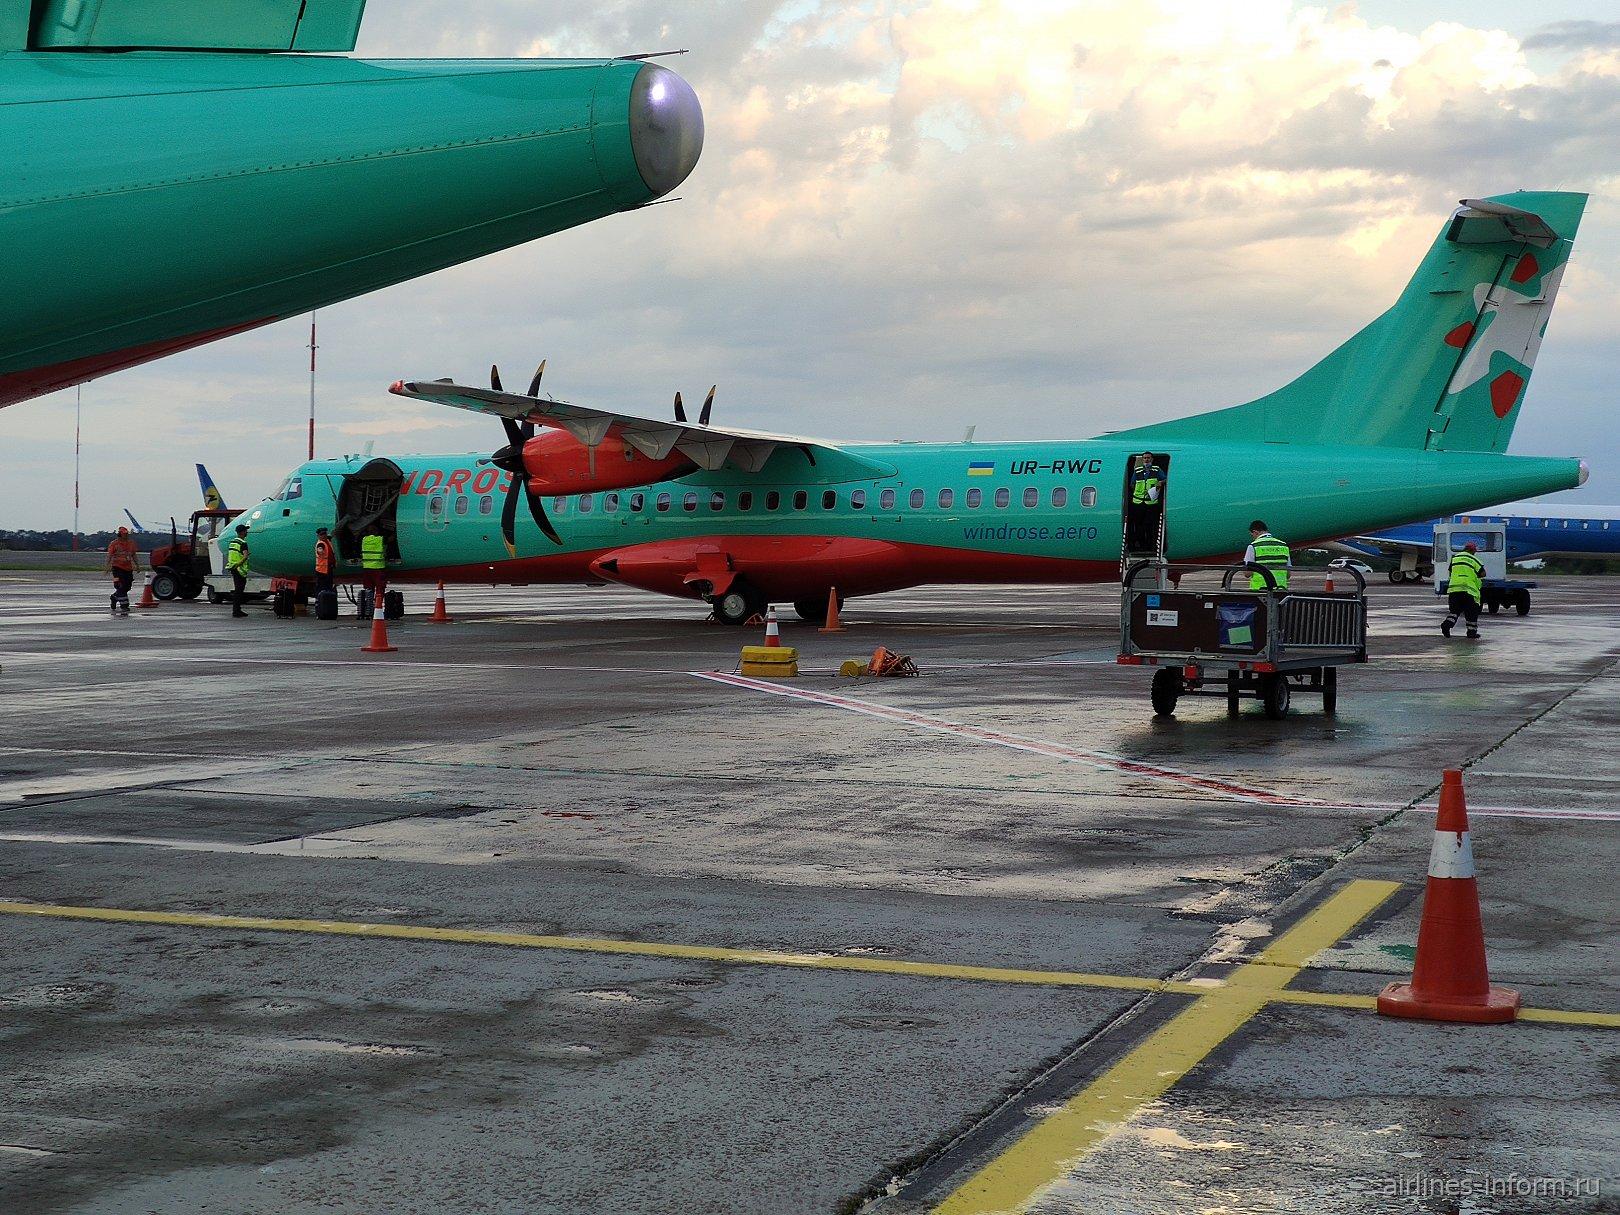 Вокруг Украины. Киев (KBP) - Харьков (HRK) ATR72-600 Windrose.